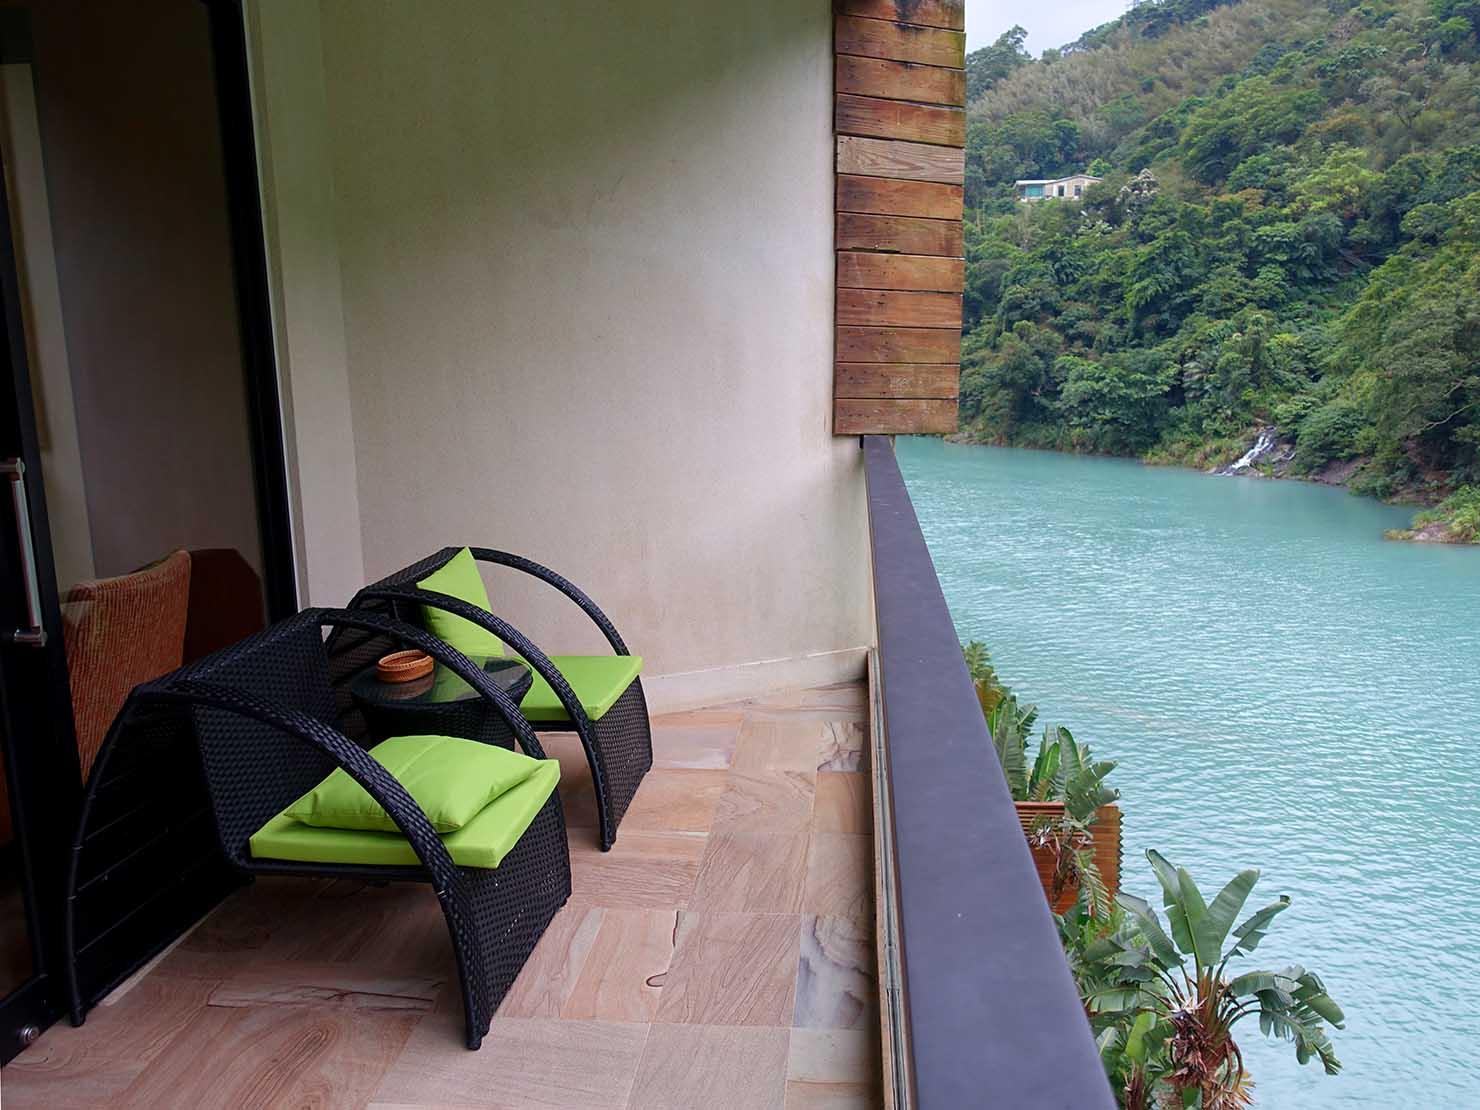 台北・烏來温泉「Volando Urai Spring Spa & Resort 馥蘭朵烏來渡假酒」ロビーのベランダ